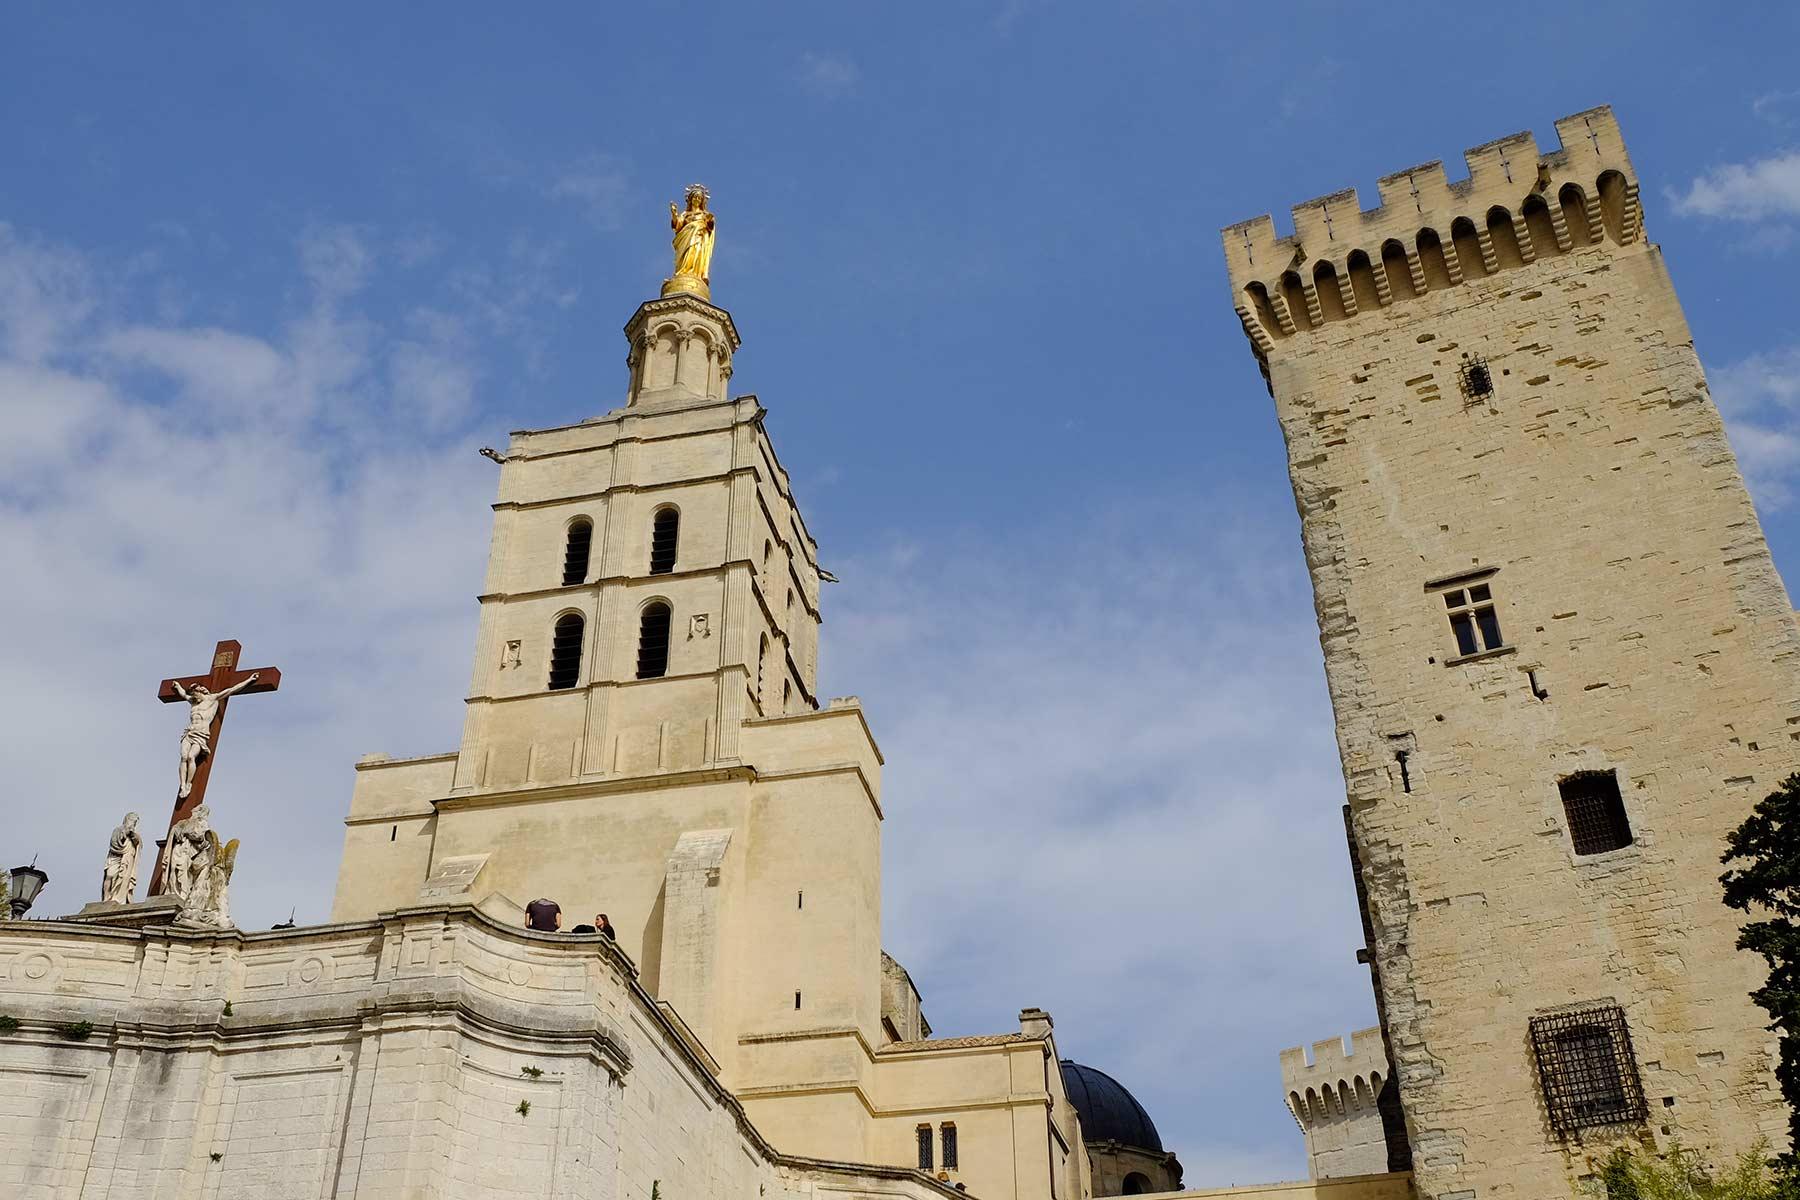 Papstpalast und Kathedrale von Avignon, Frankreich